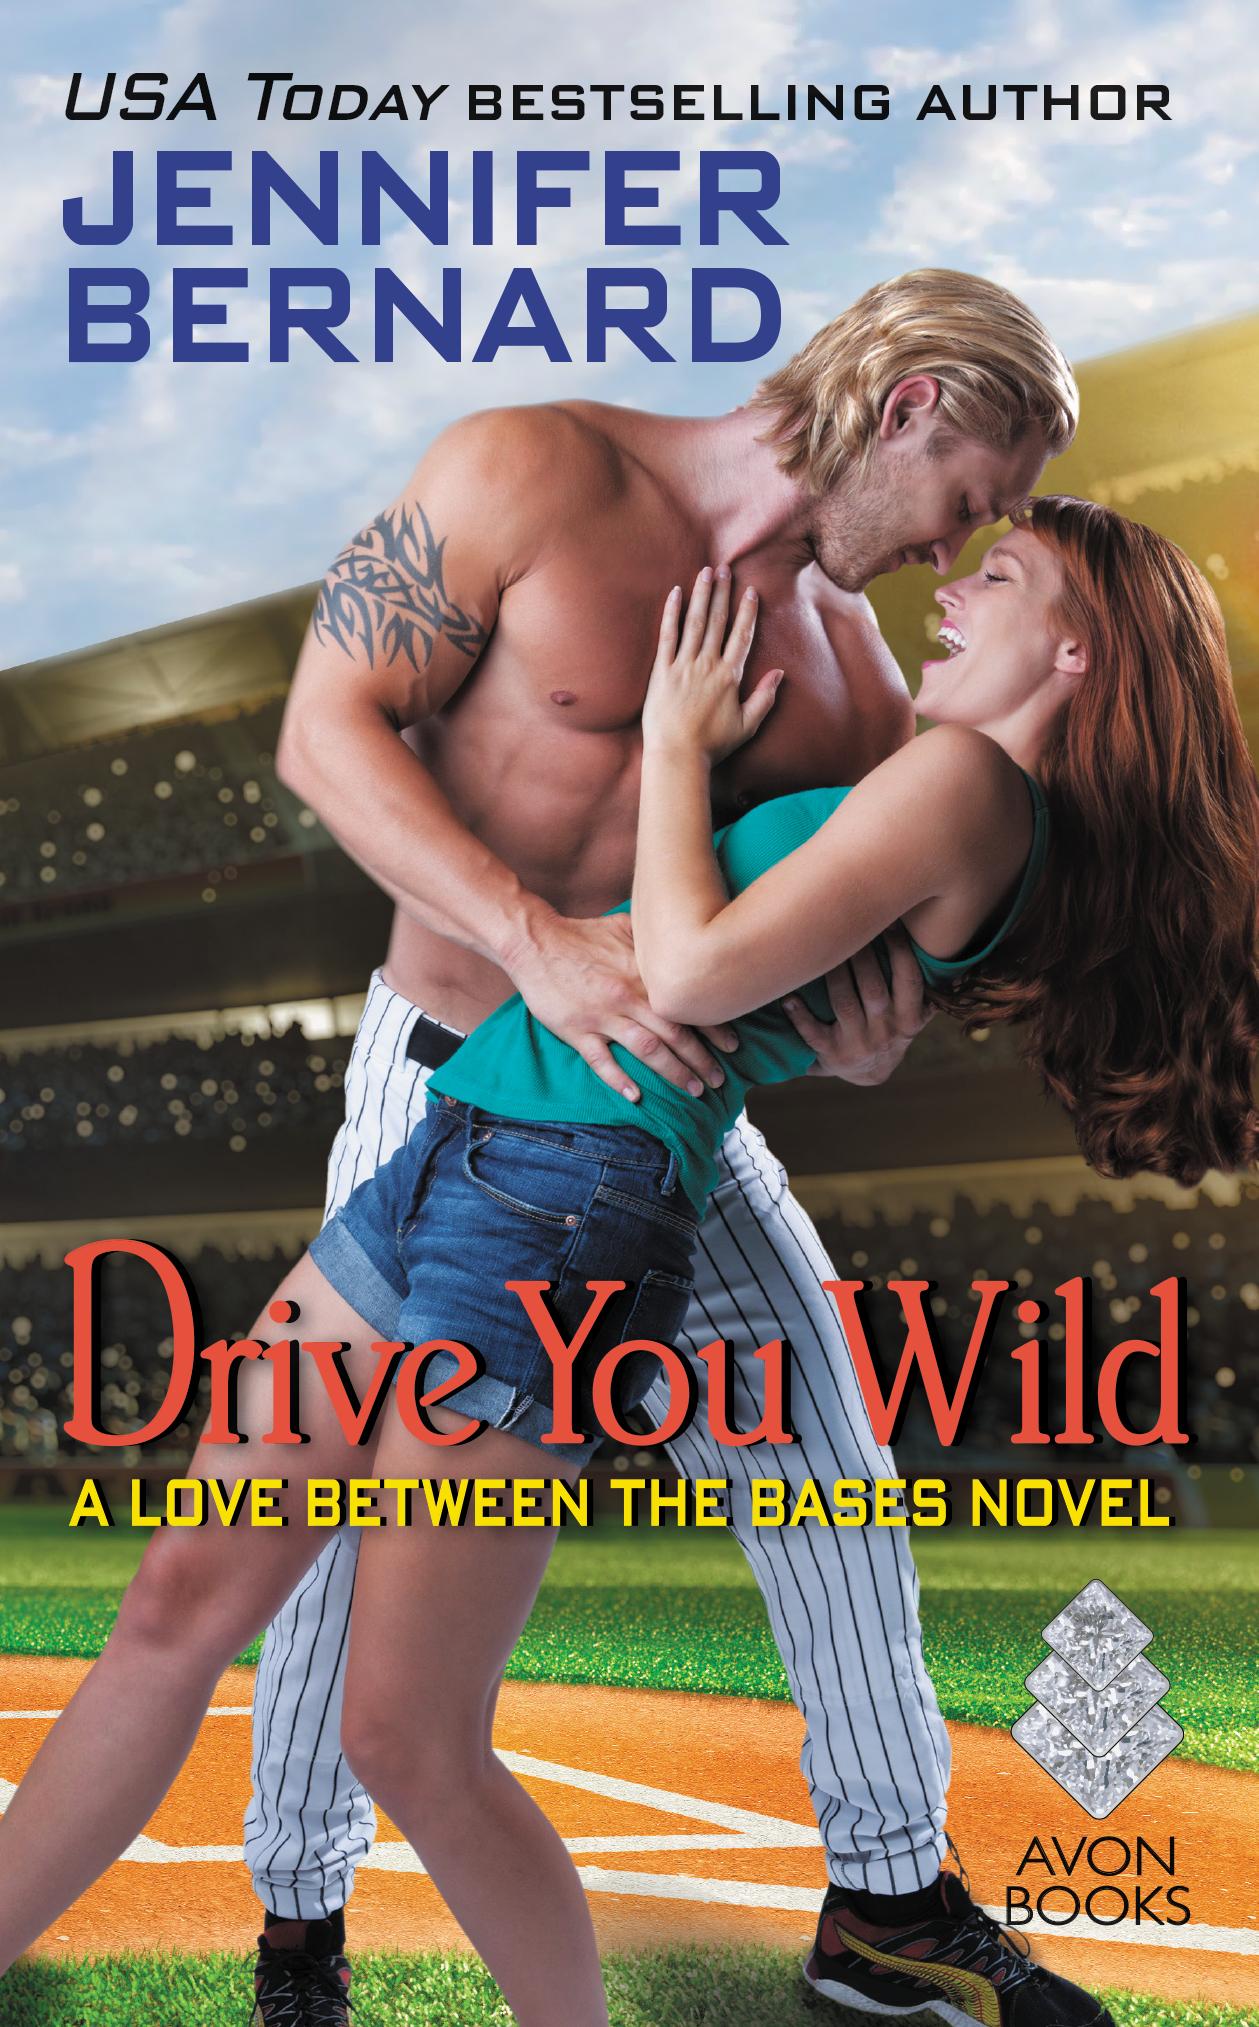 Jennifer Bernard Love Between the Bases Drive You Wild 3.jpg